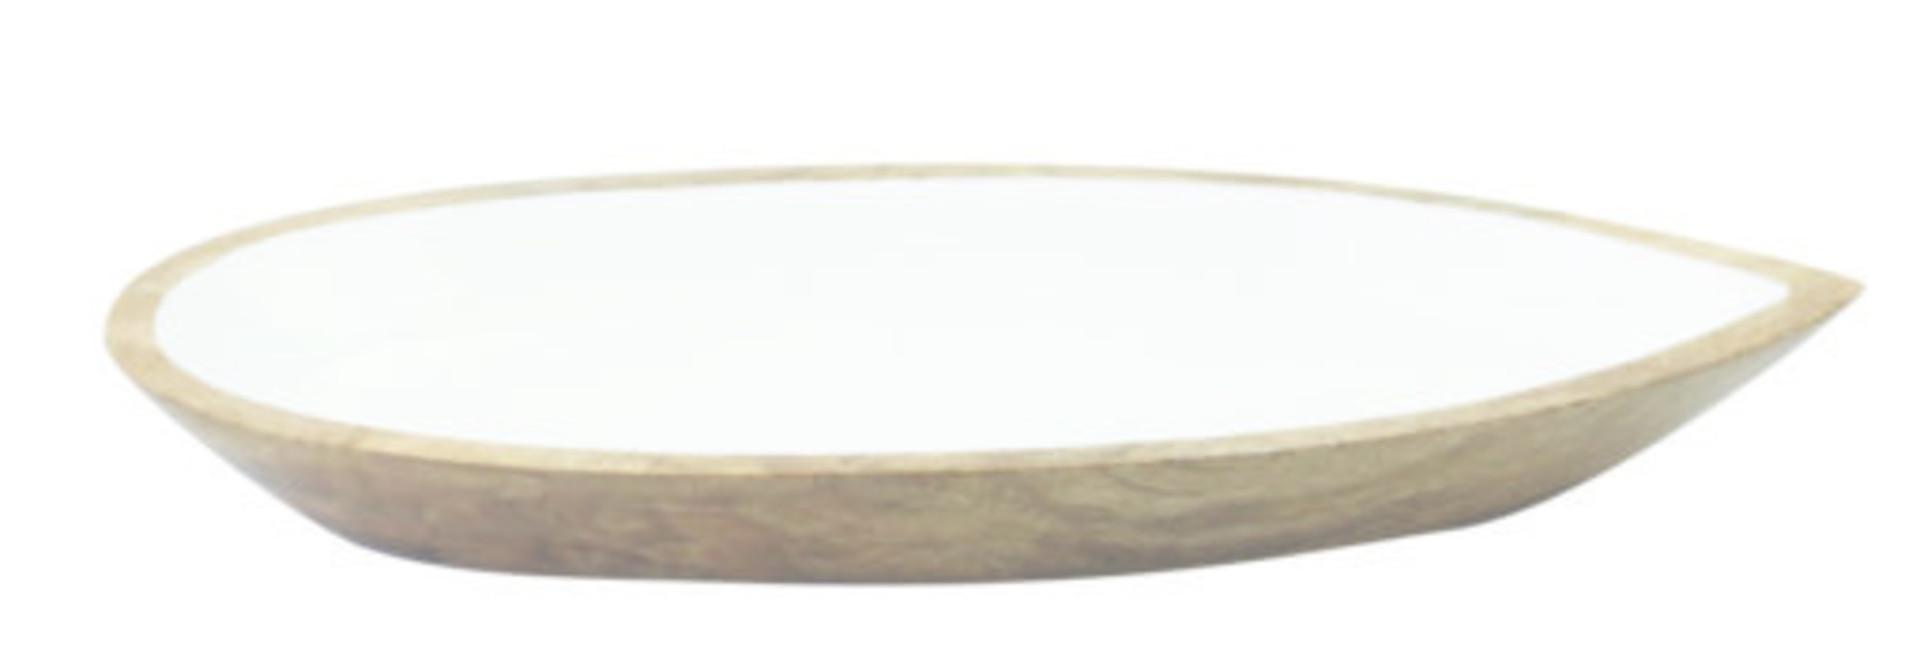 Mango Wood & White Enamel Oval Dish - Sm